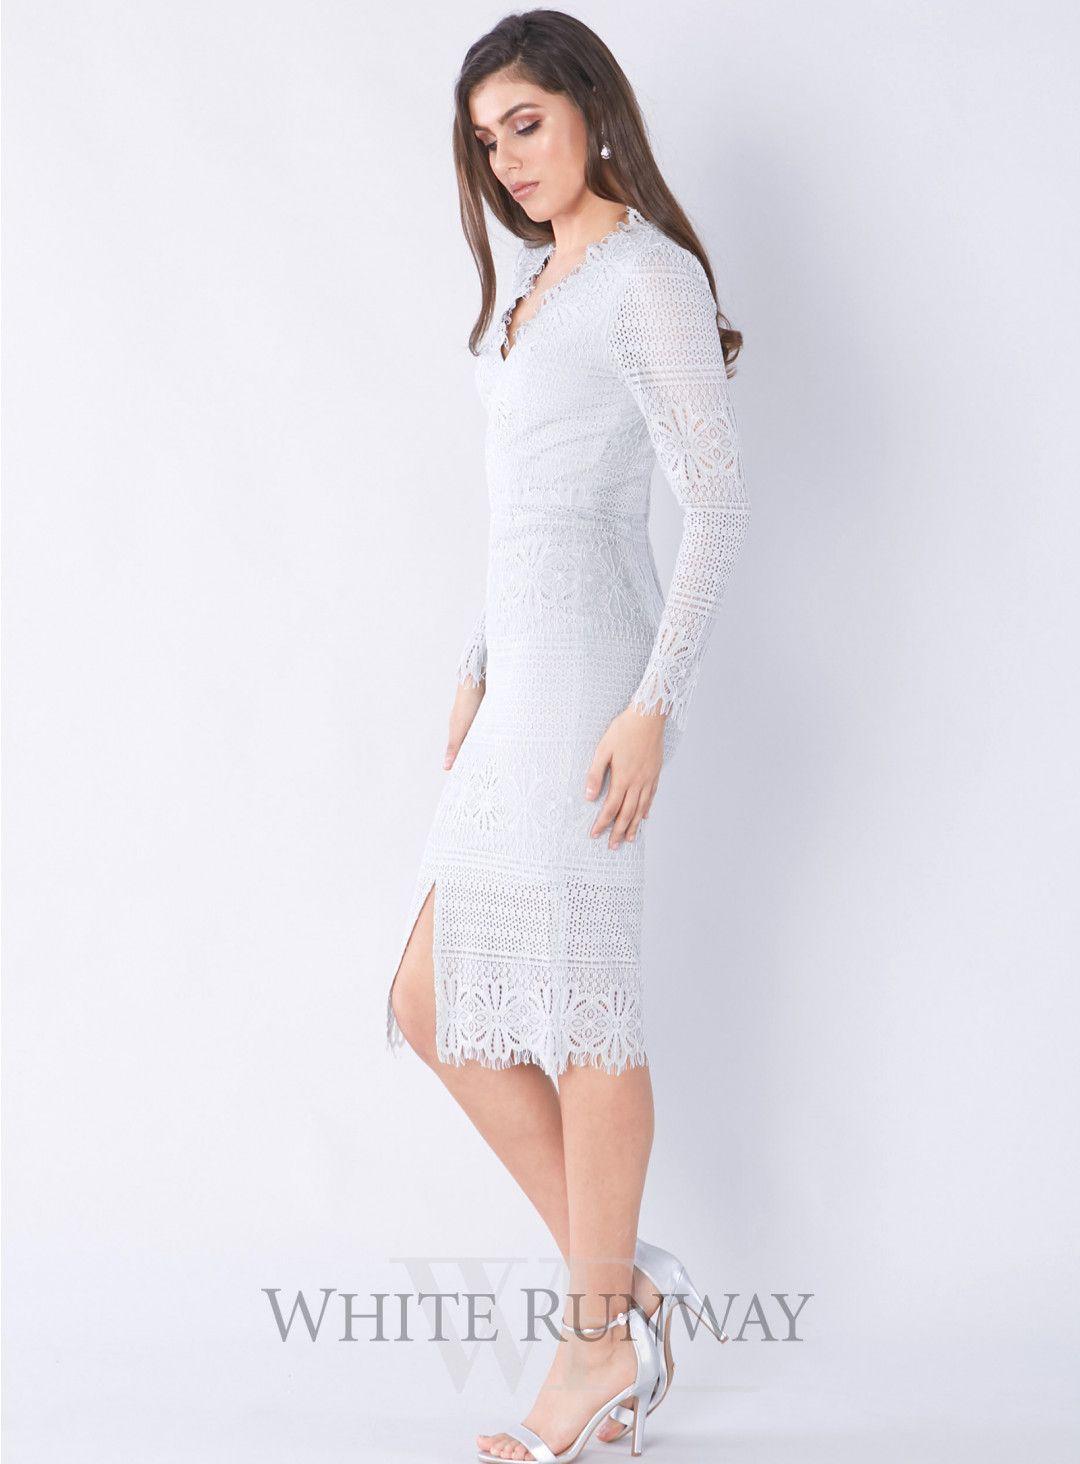 Ruby Long Sleeve Dress Long Sleeve Dress Dresses Wedding Guest Dress [ 1464 x 1080 Pixel ]